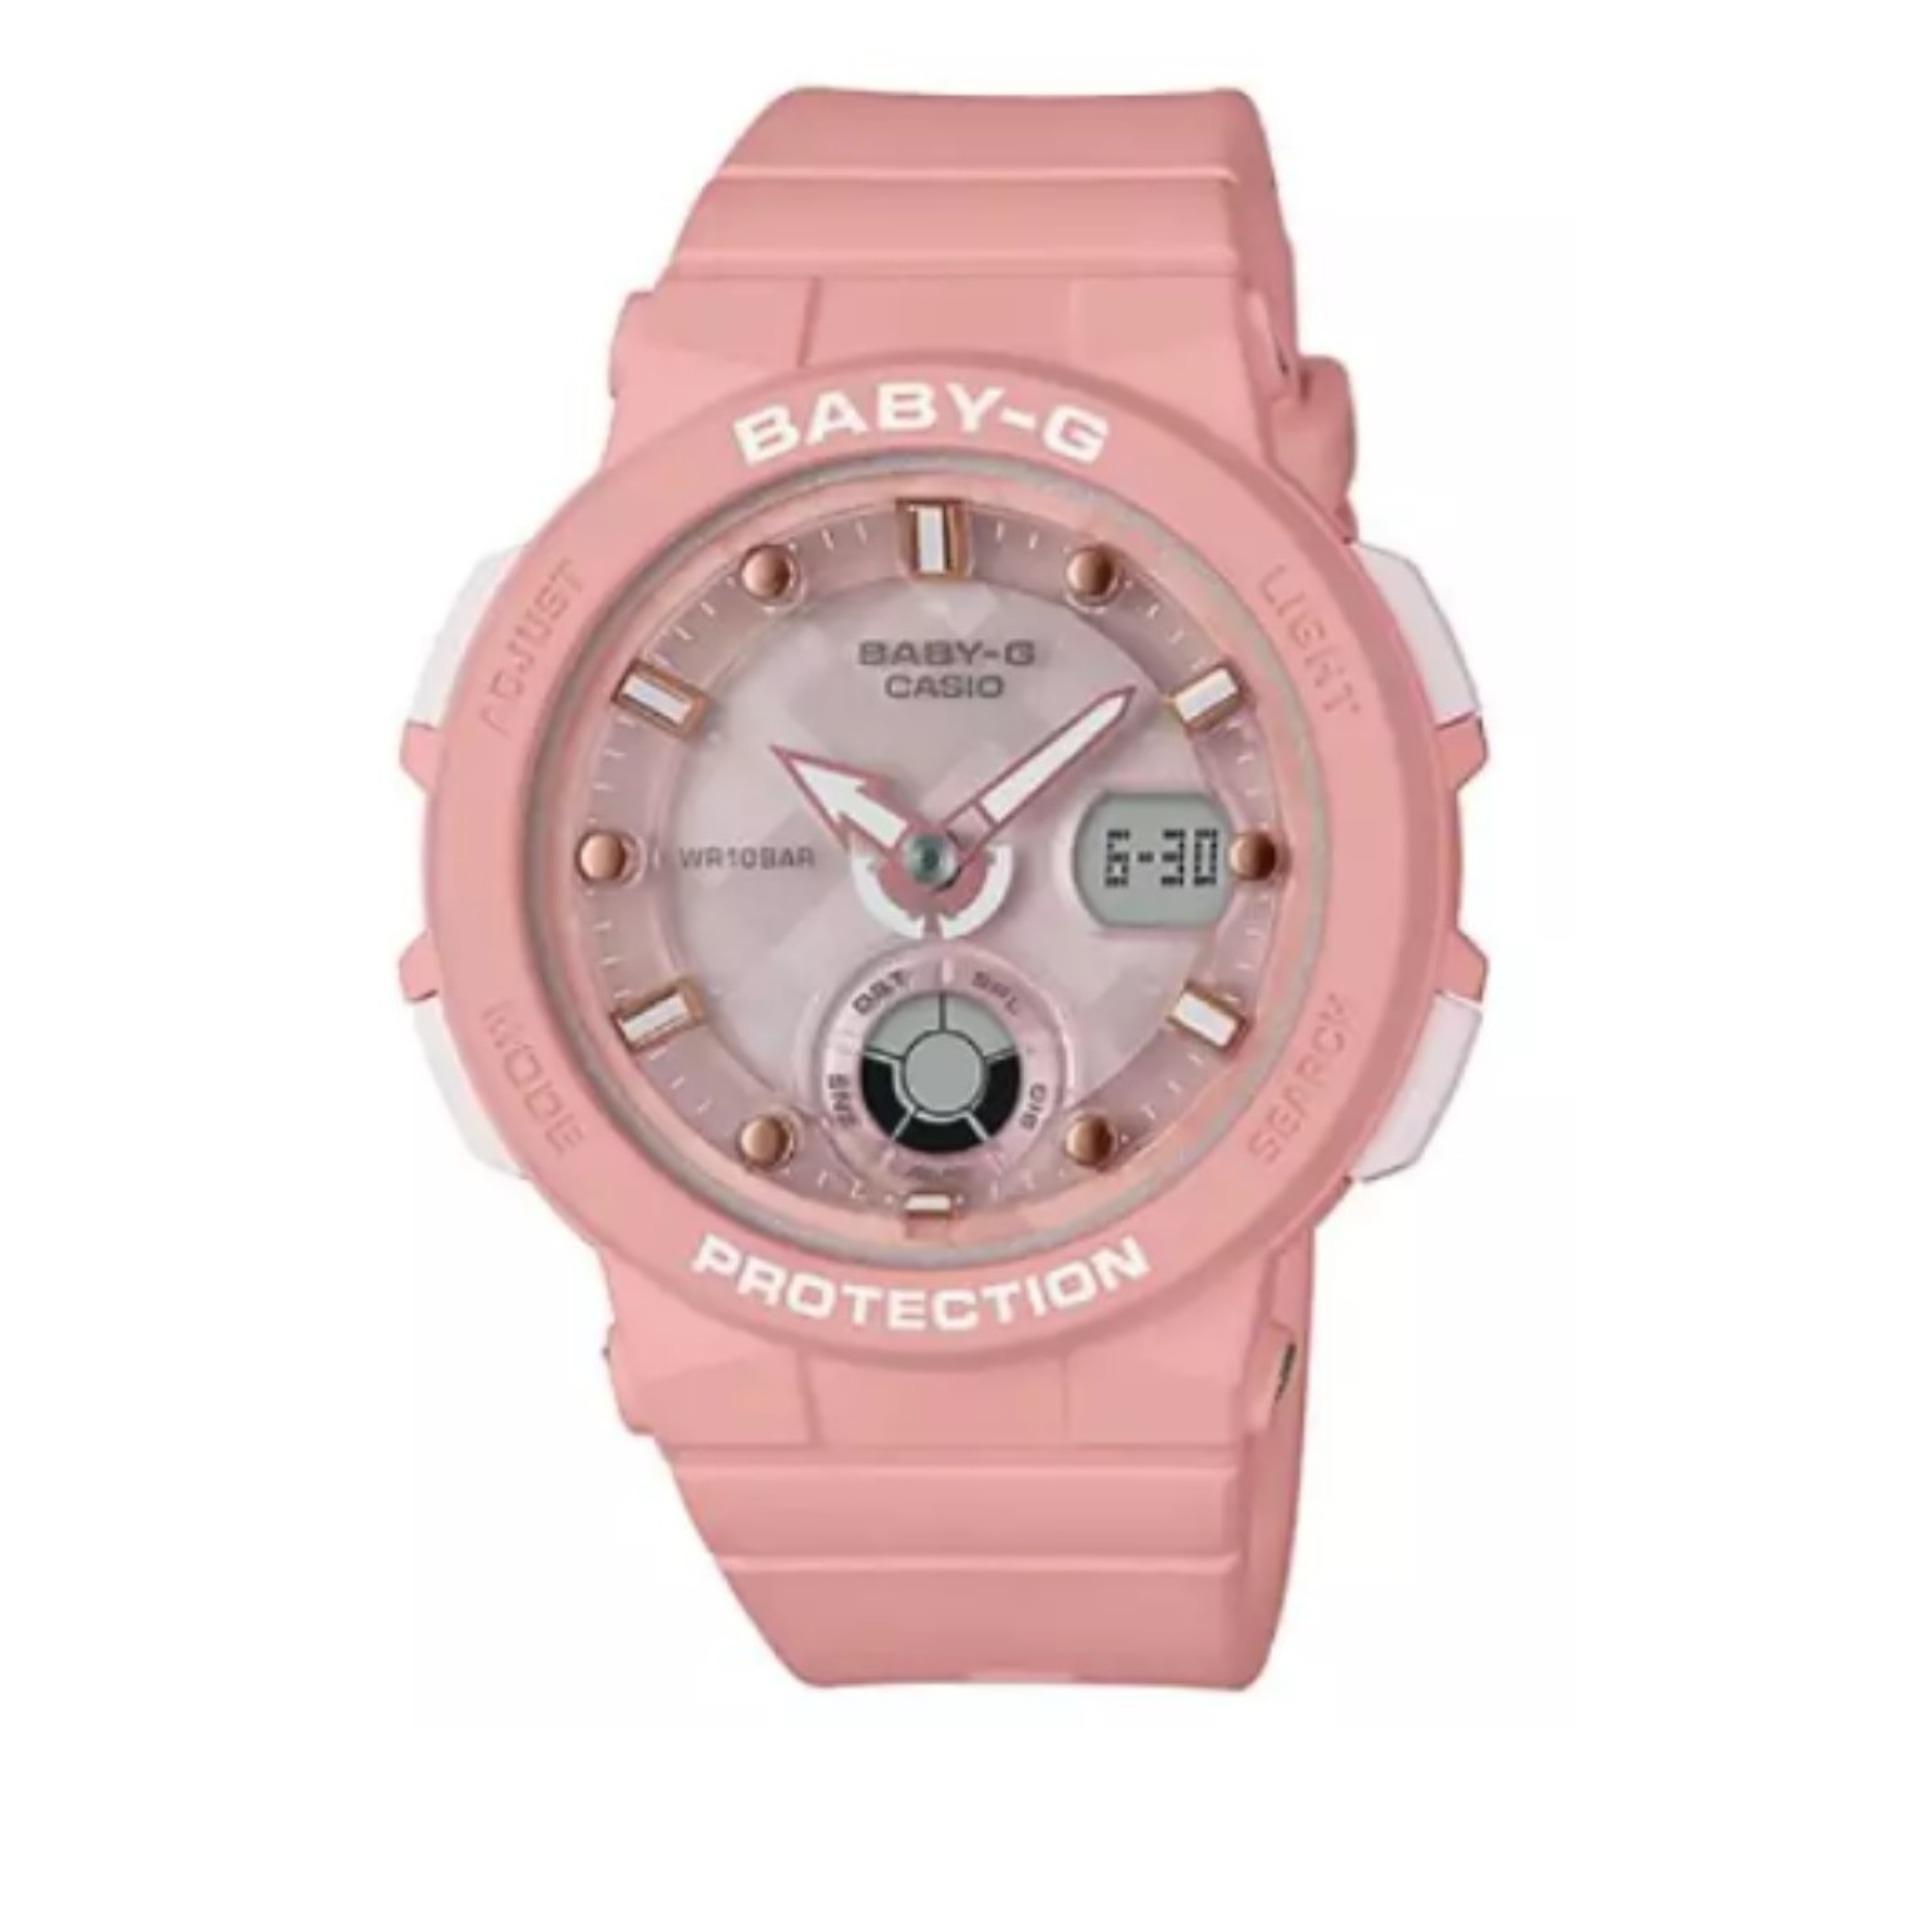 Jual Jam Tangan Casio Baby G Terbaru Ba 120 1b Hitam Bga 250 4adr Wanita Pink